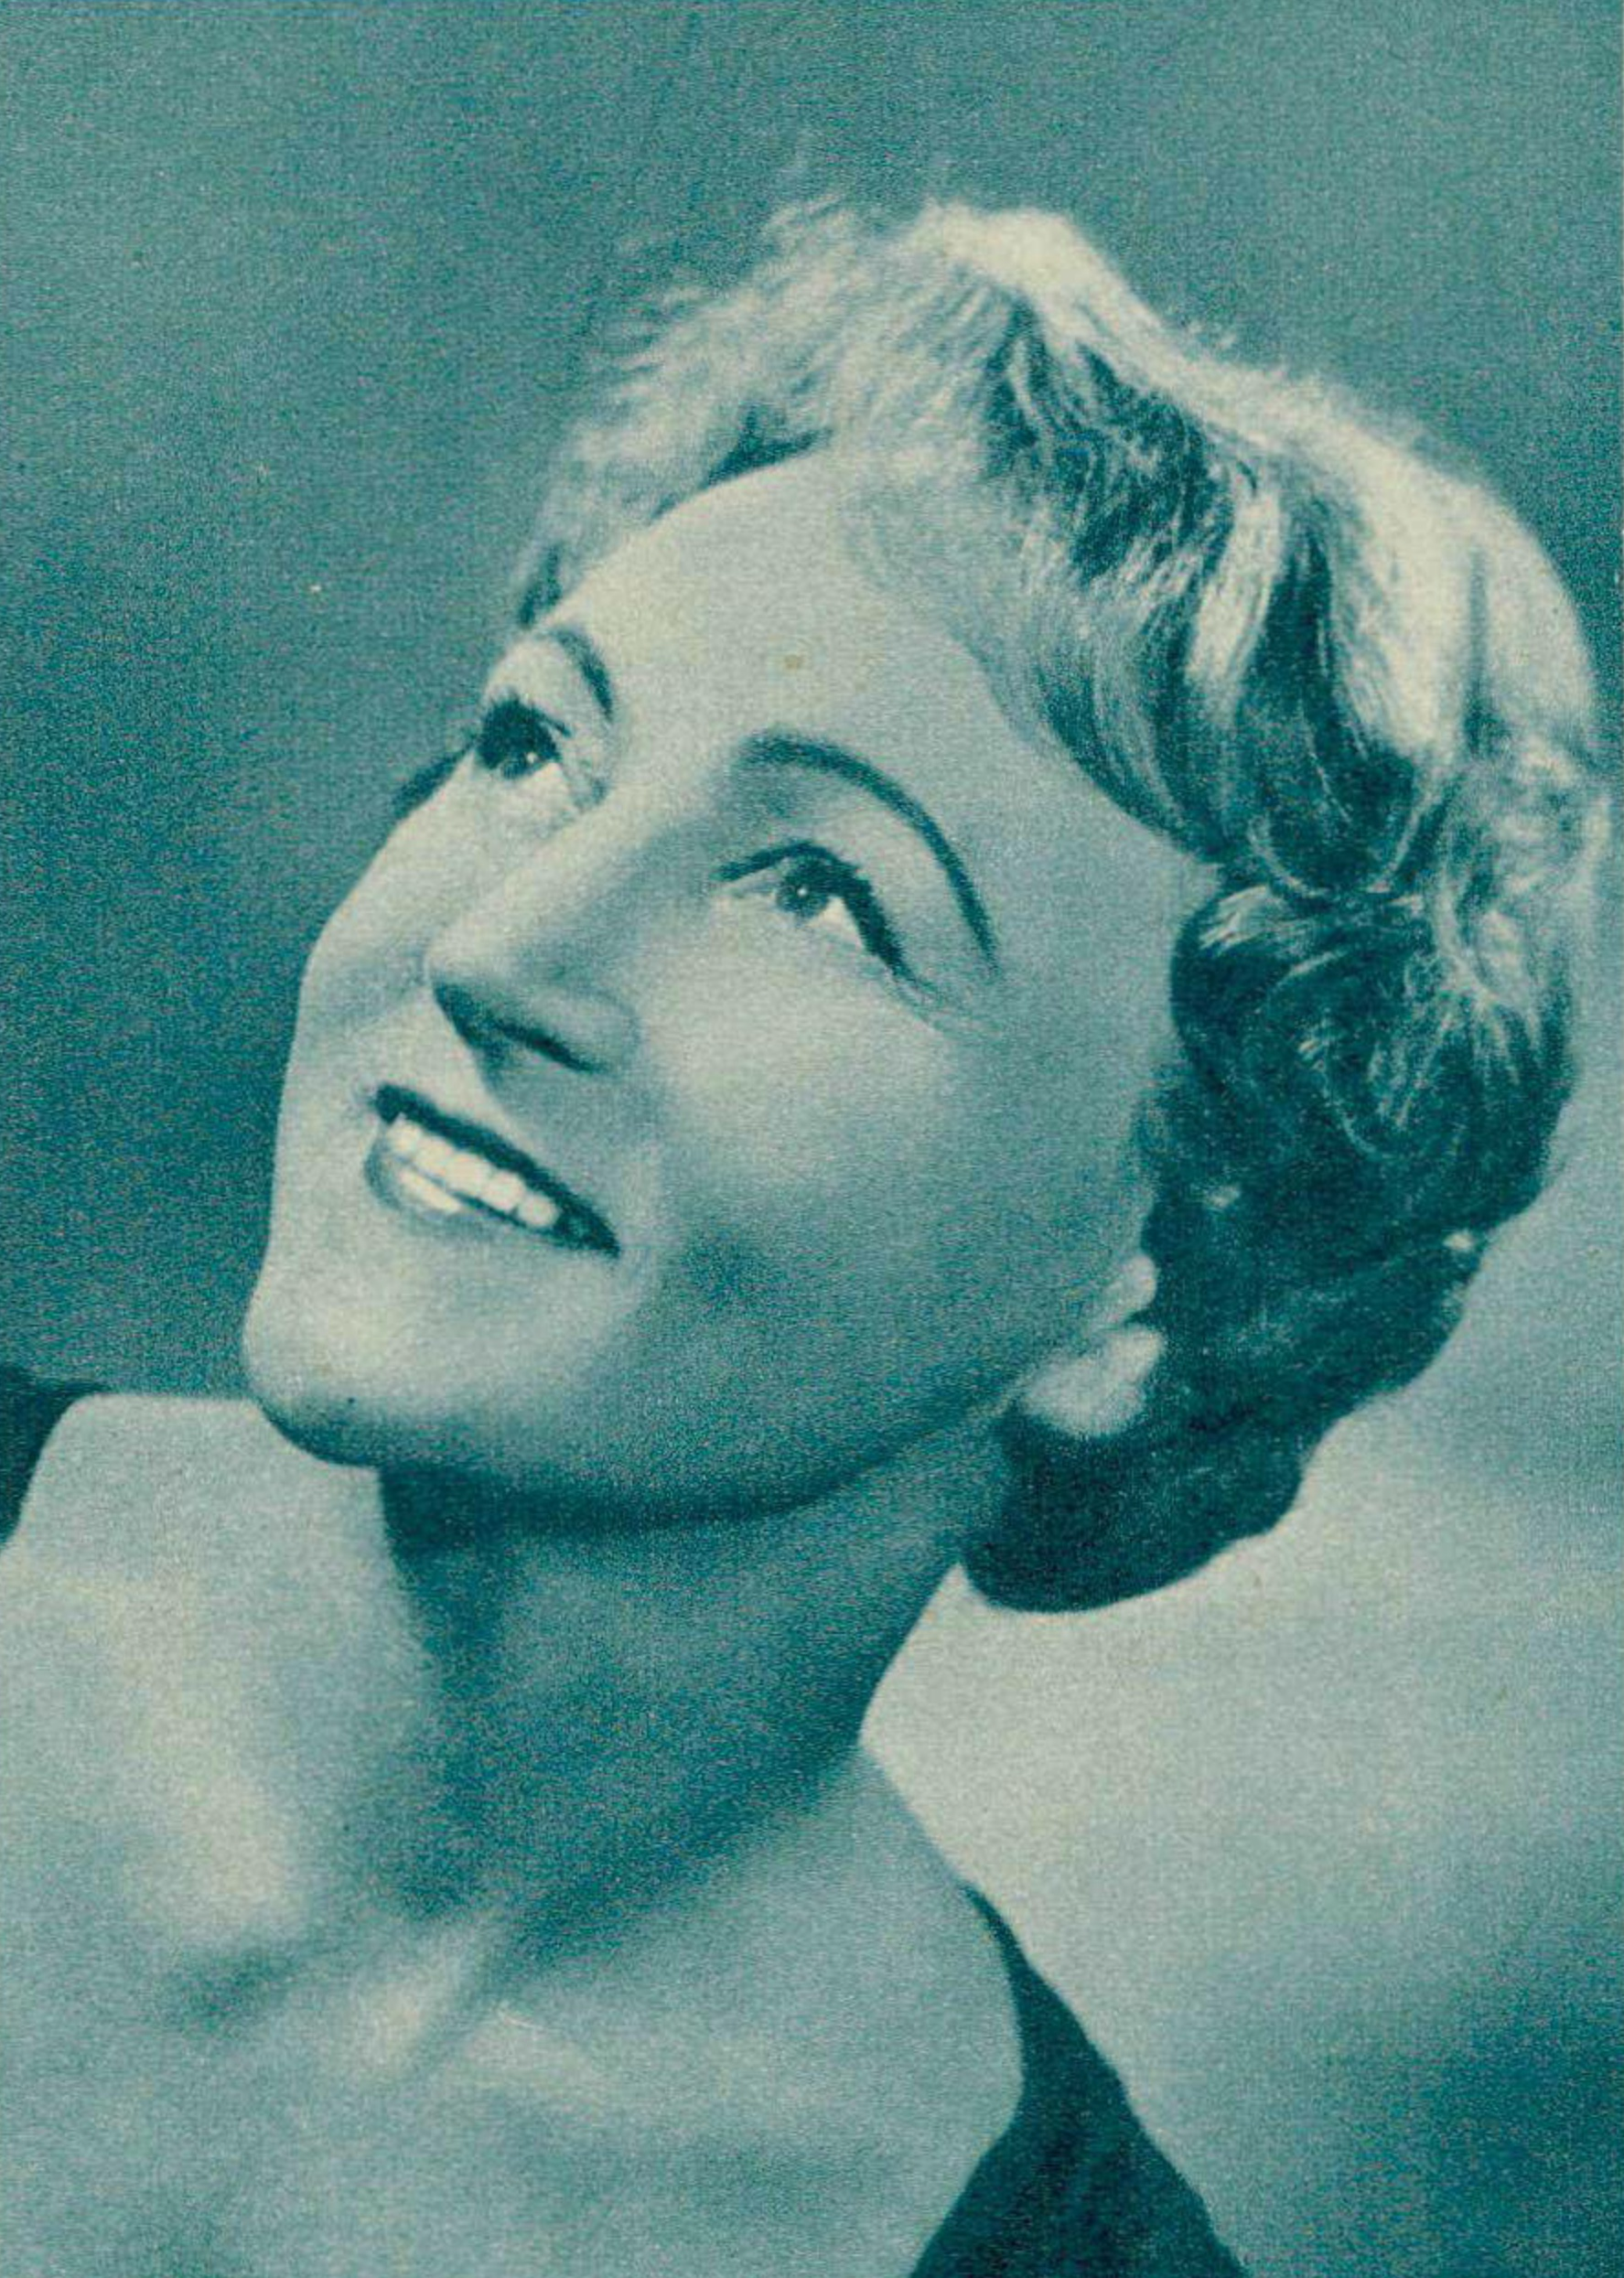 Flore WEND vers 1961, un portrait publié entre autres dans Radio Je vois tout TV du 27 avril 1961, No 17, page 18, cliquer pour une vue agrandie